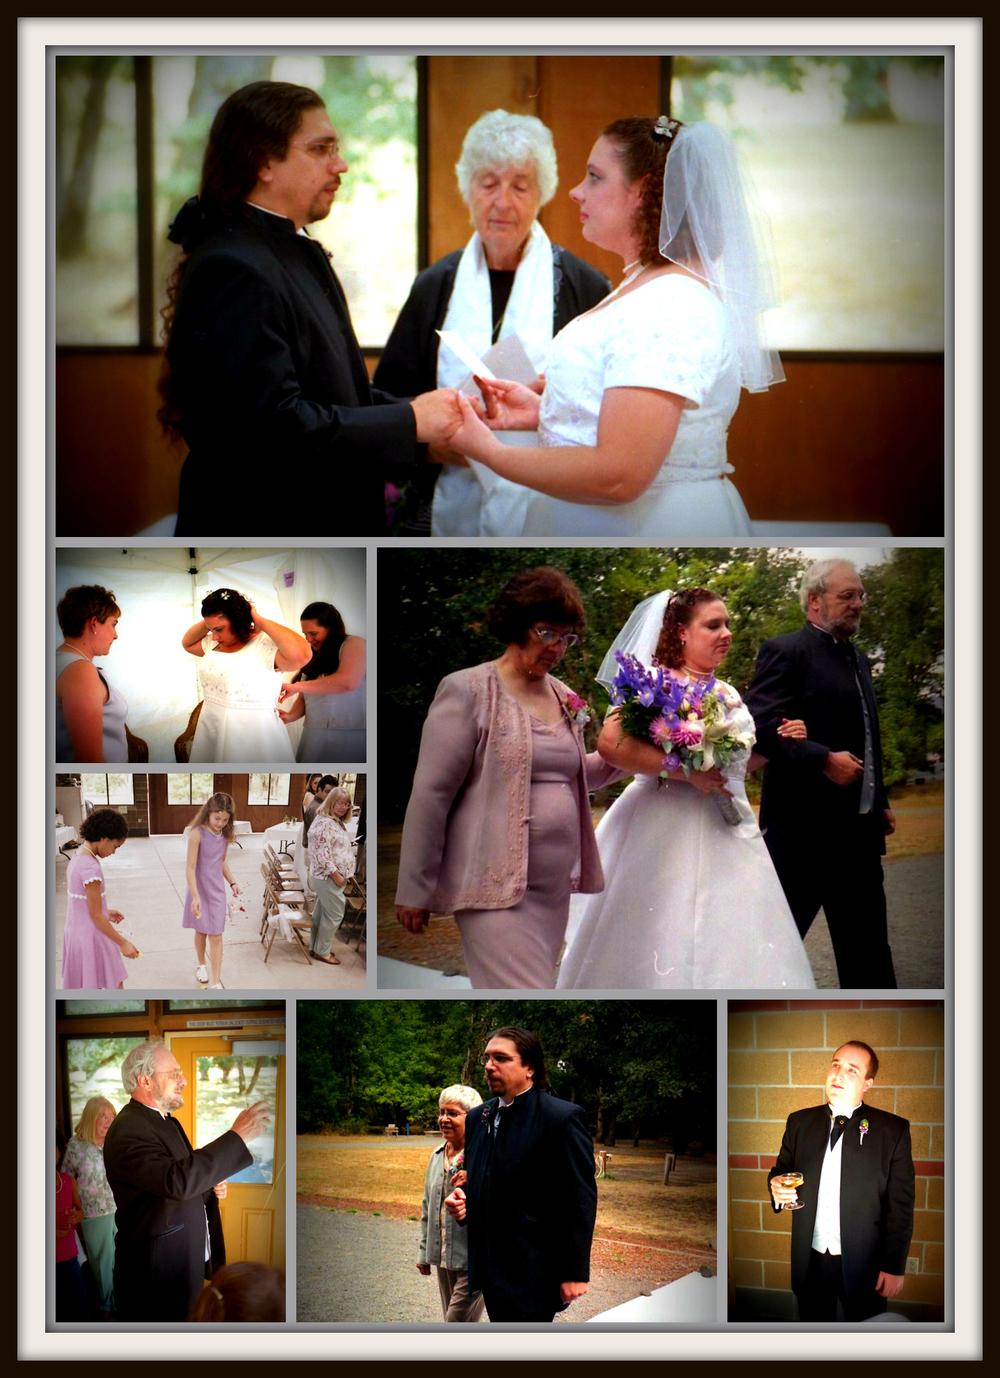 Wedding2006.jpg